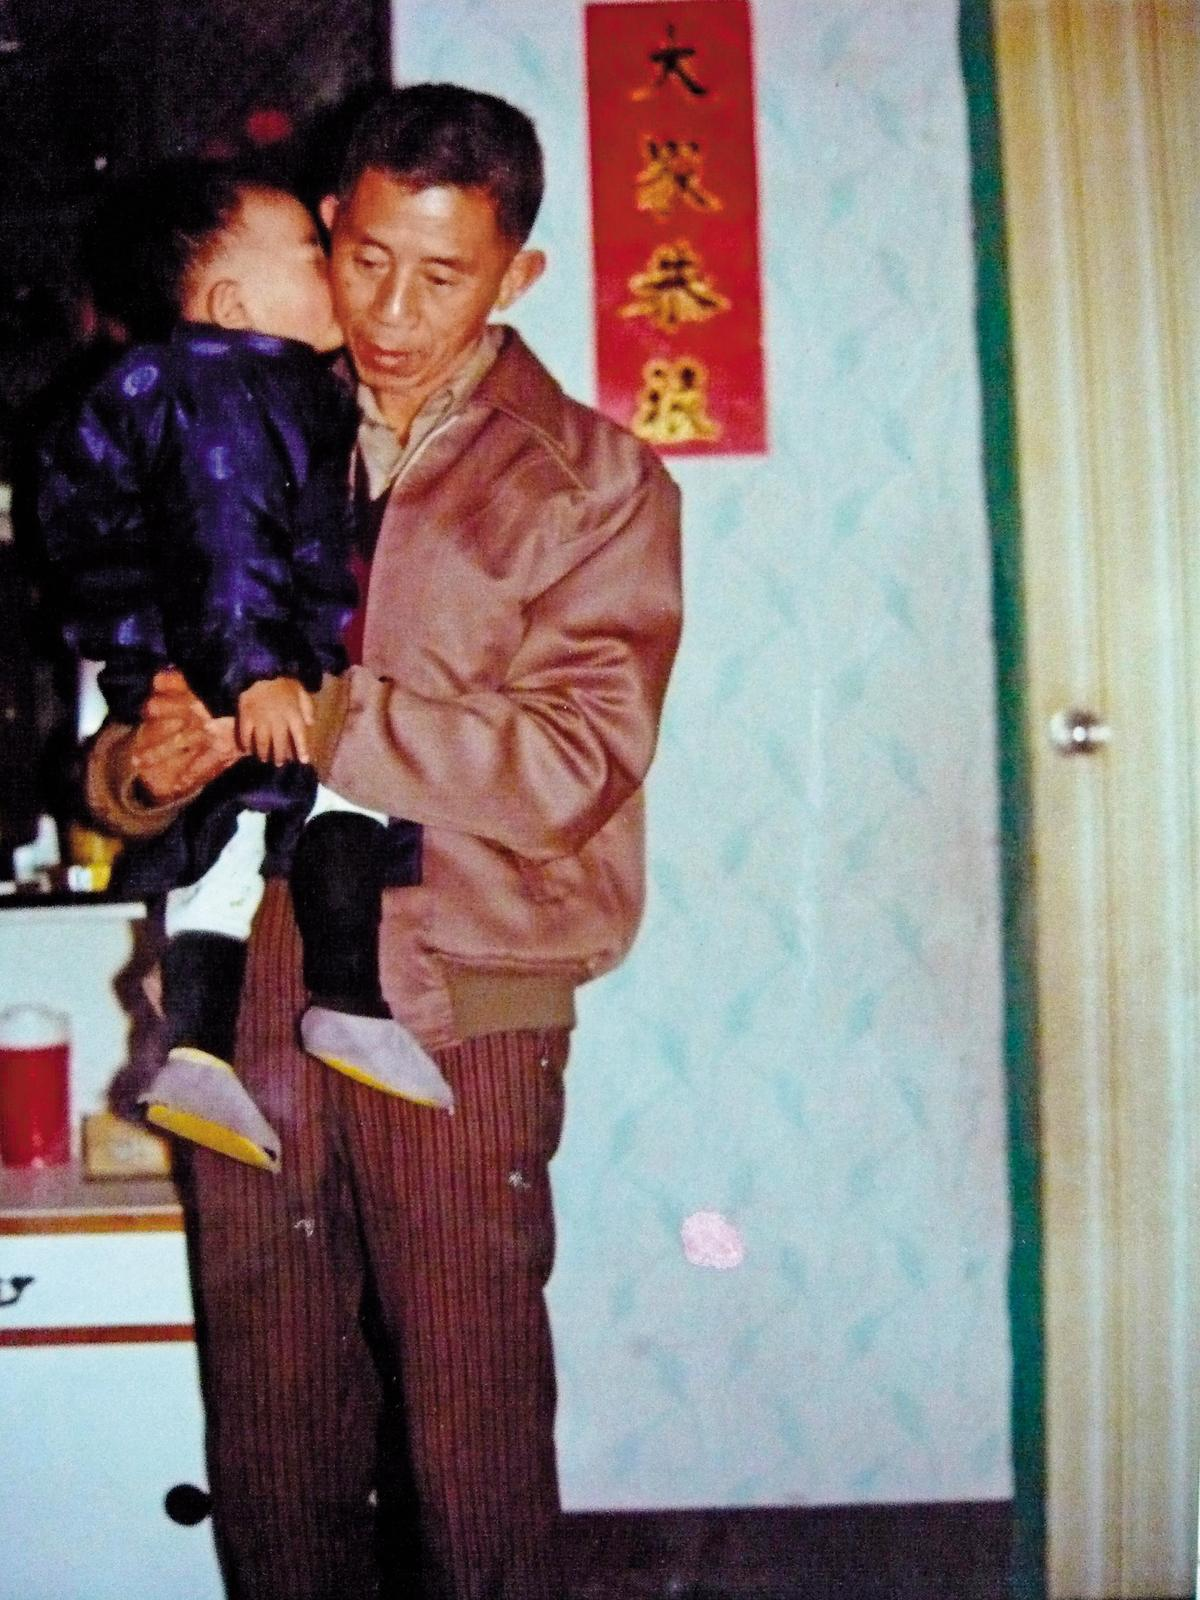 徐志雲是父親55歲才生下的孩子,如此親密的擁抱也只存在於年幼時,日漸成長後,父子關係漸漸崩壞疏離。(徐志雲提供)